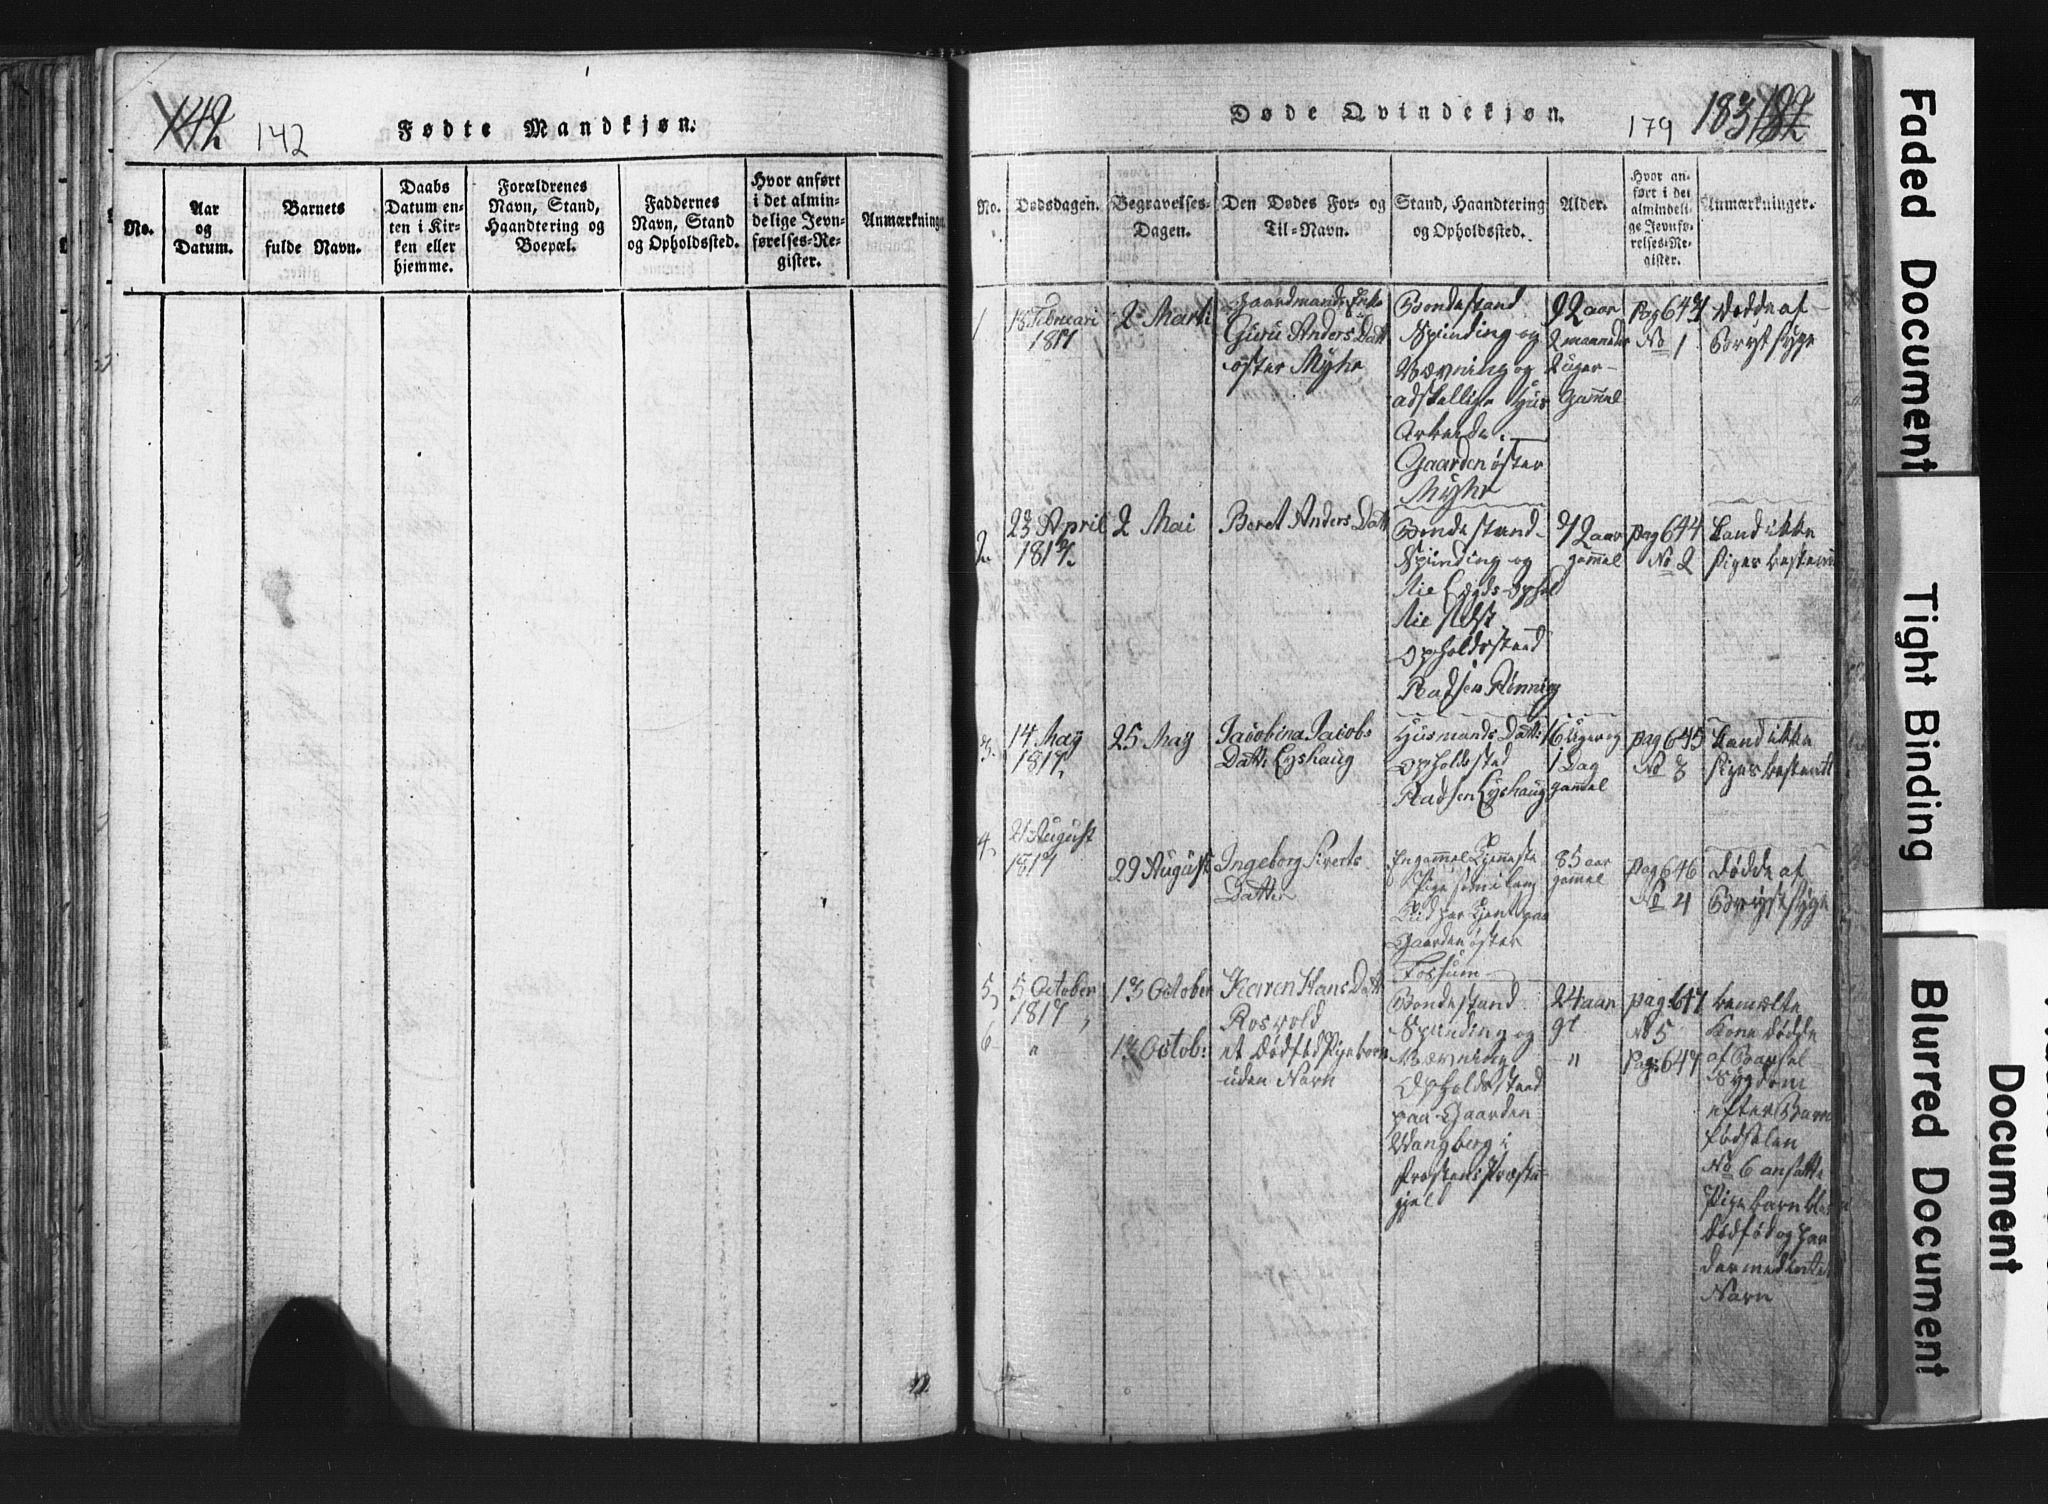 SAT, Ministerialprotokoller, klokkerbøker og fødselsregistre - Nord-Trøndelag, 701/L0017: Klokkerbok nr. 701C01, 1817-1825, s. 178-179